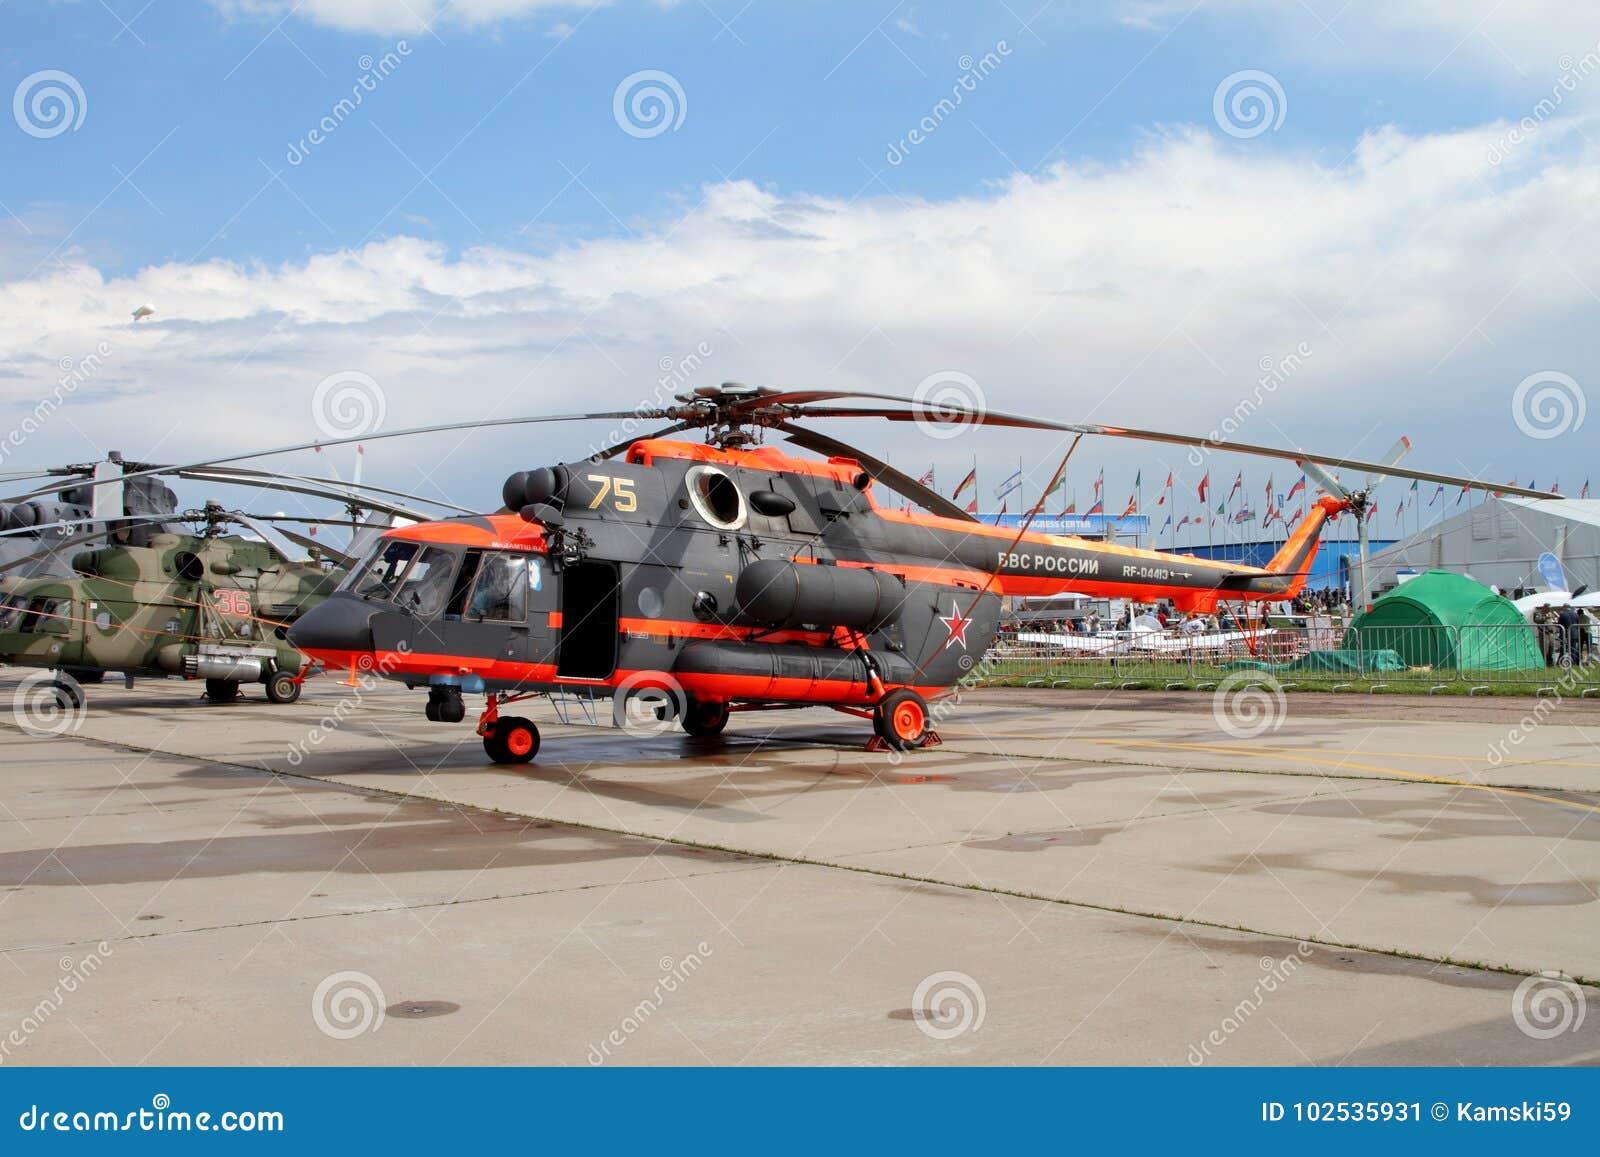 Hubschrauber Mi-8 am internationalen Luftfahrt-und Raum-Salon herein